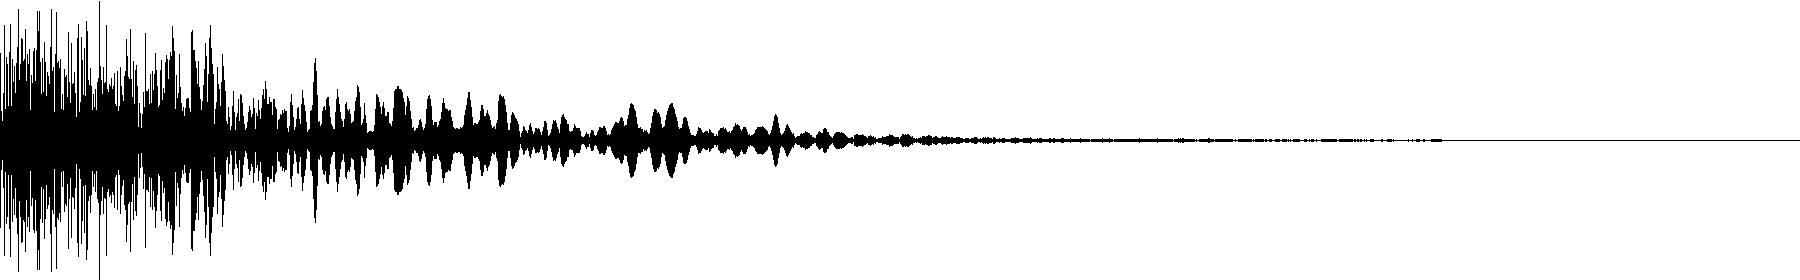 veh2 synths   021 c